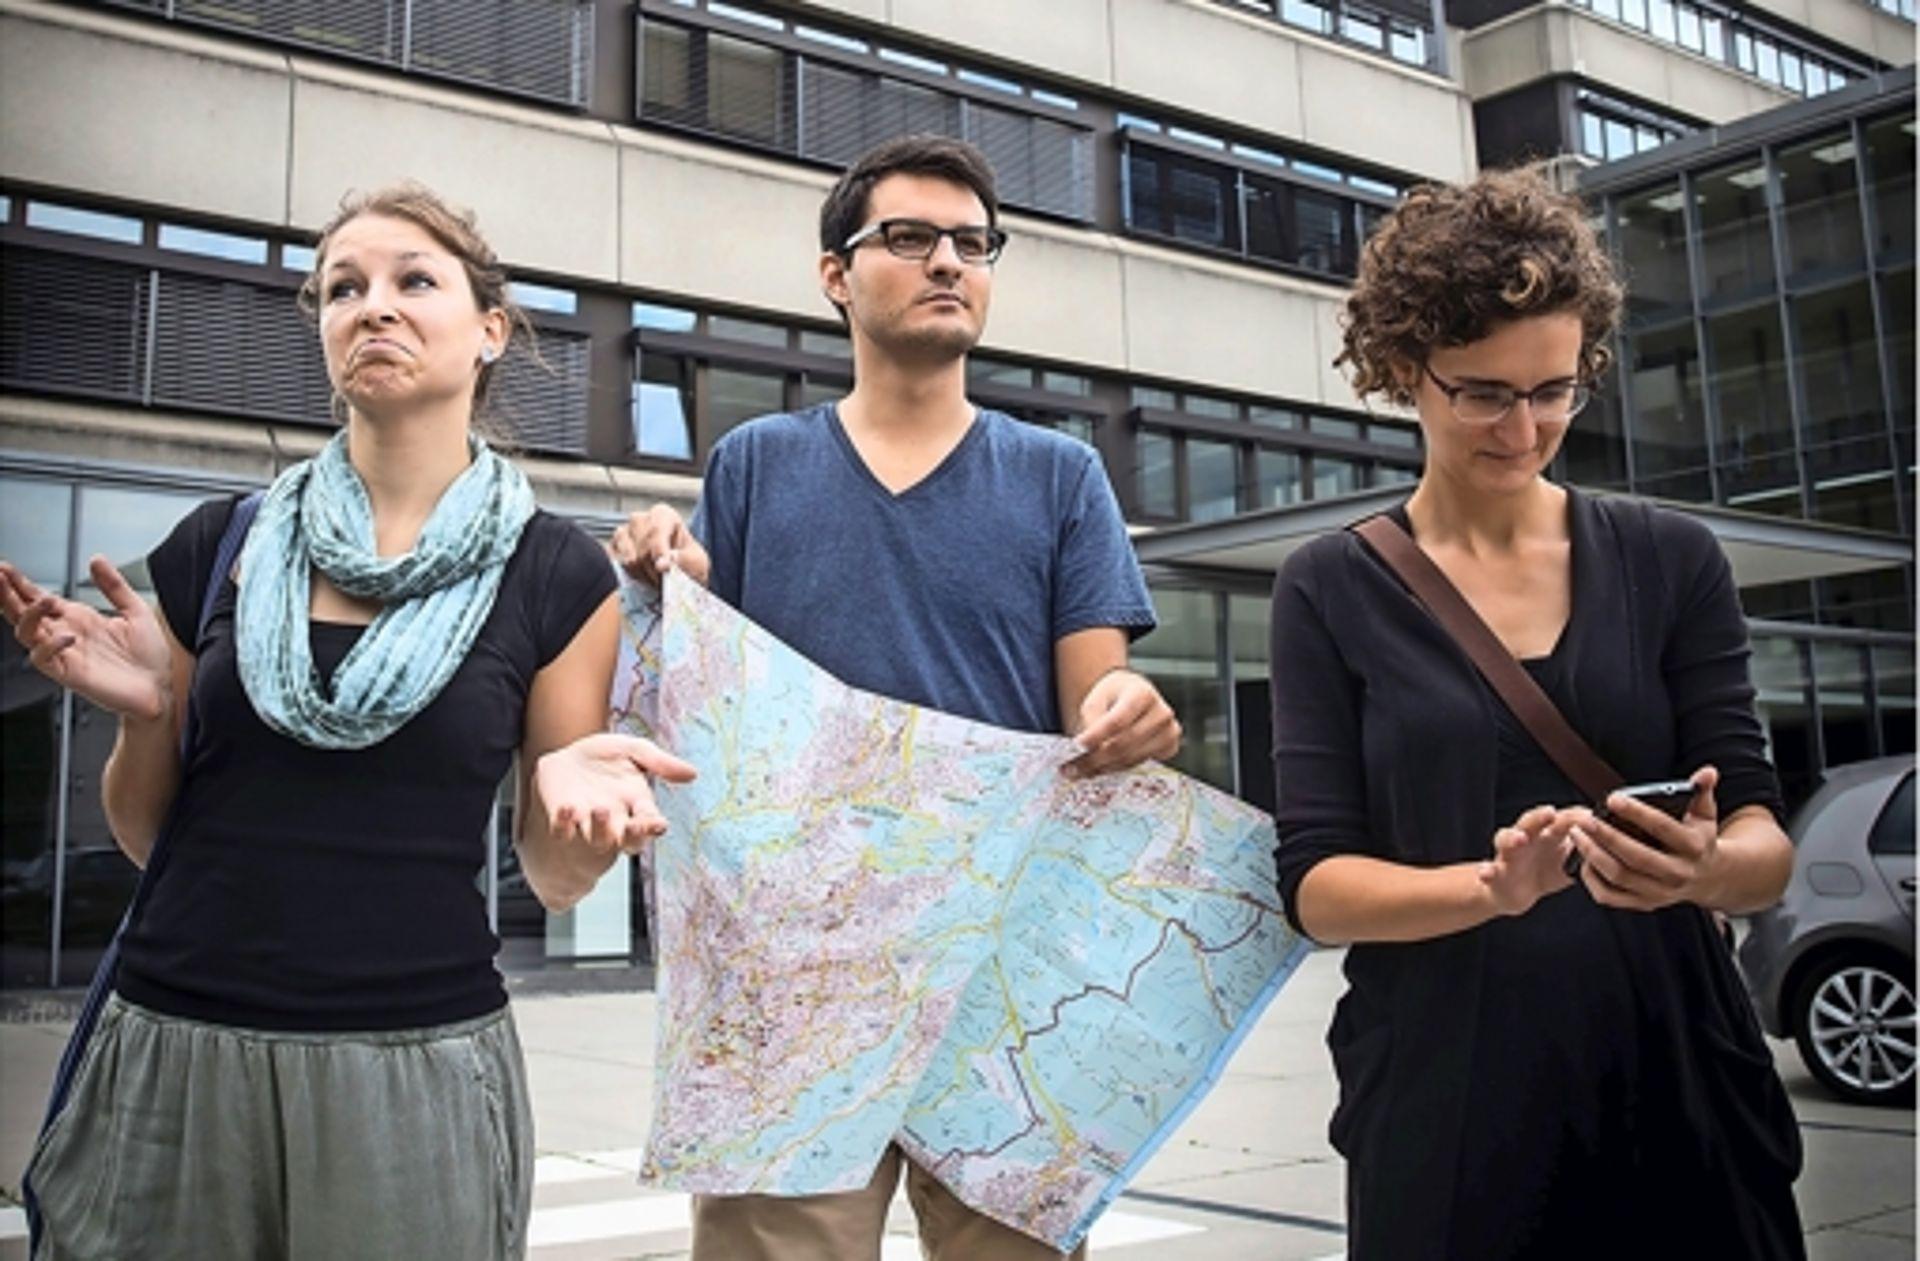 Mit Navi, Stadtplan oder Fragen?: Und wie komme ich am